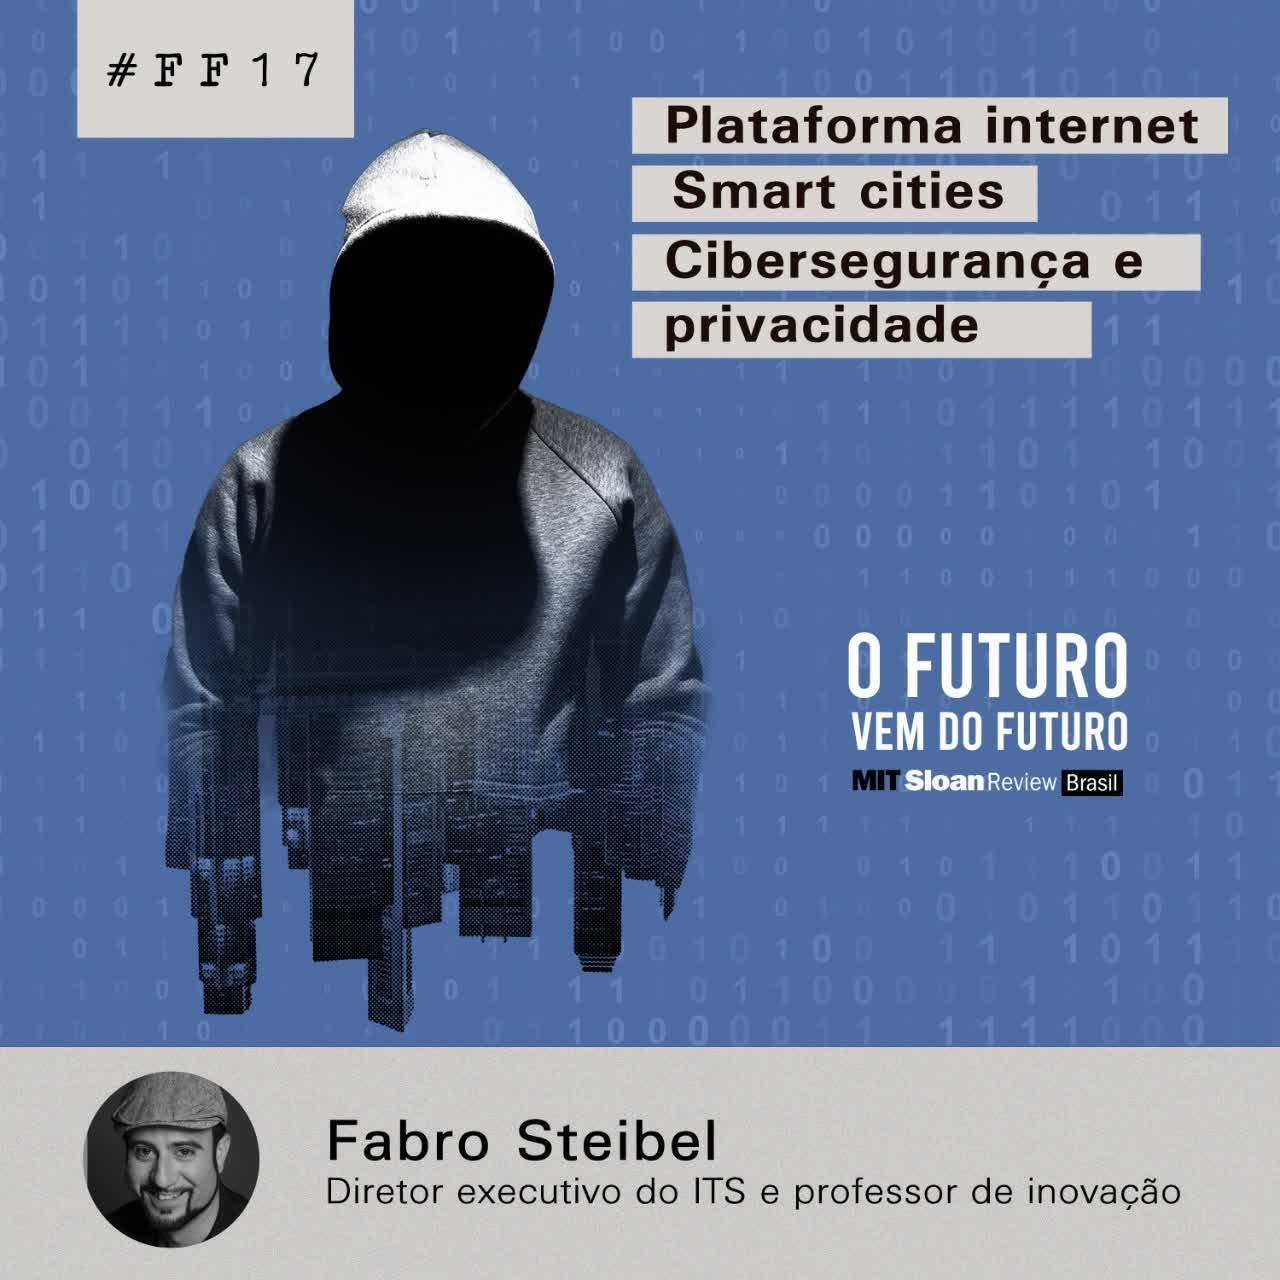 #FFS01E17 - Fabro Steibel: Plataforma internet, smart cities, cibersegurança e privacidade